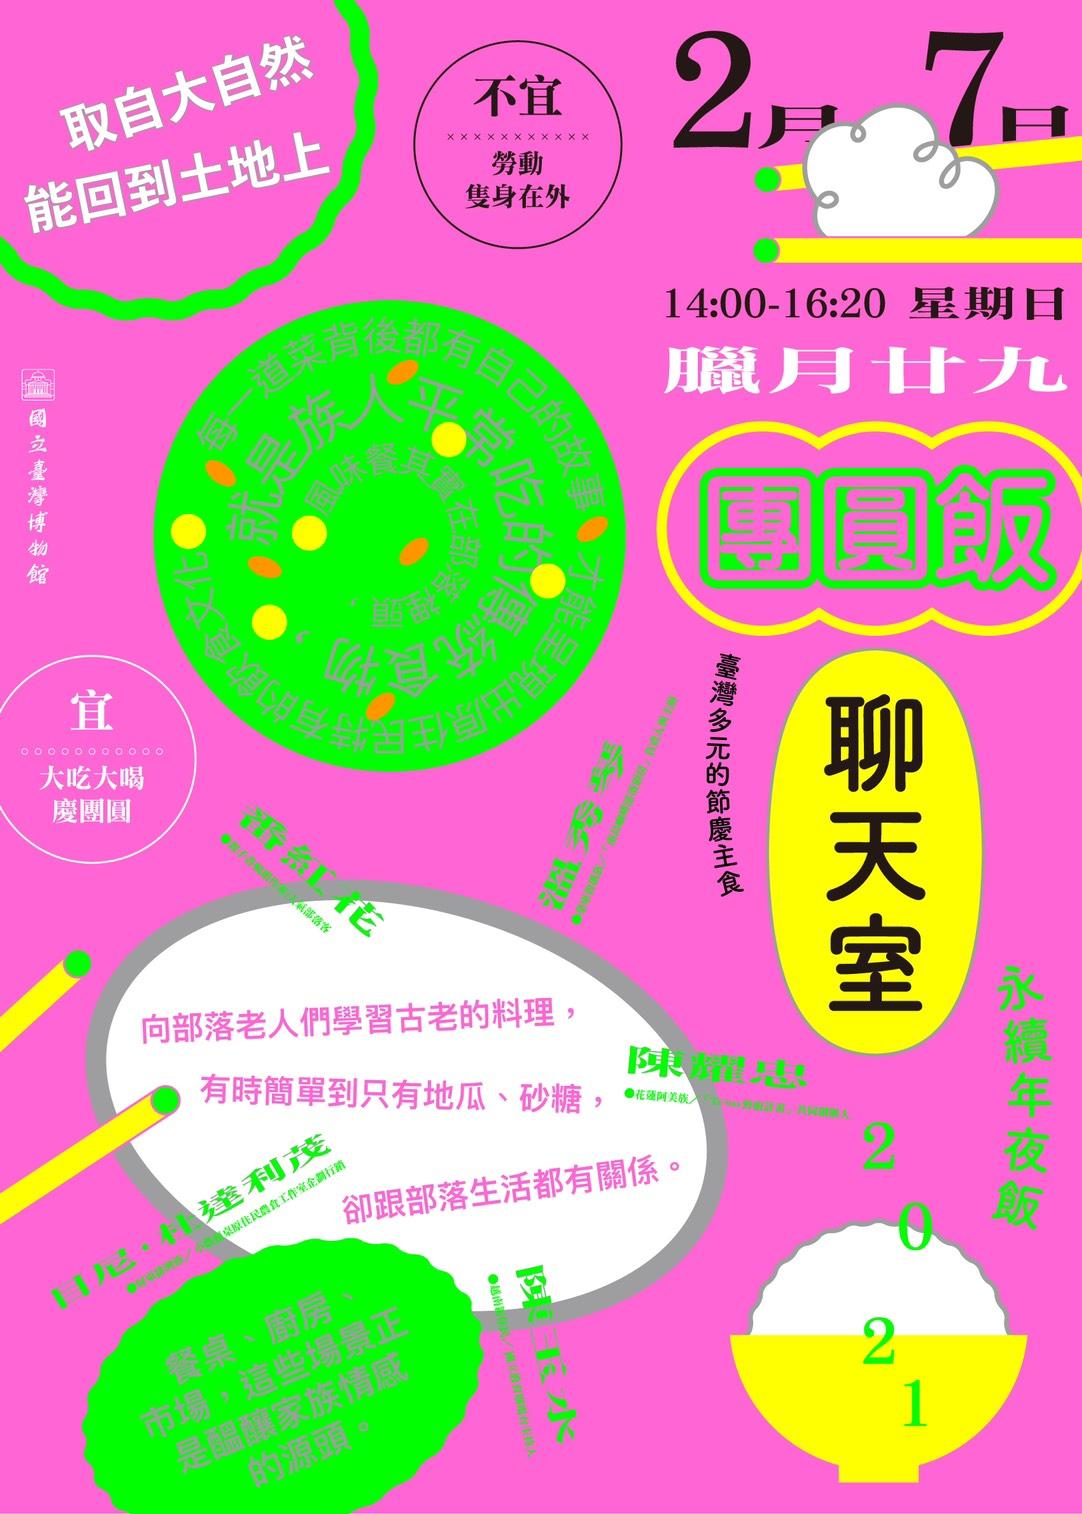 臺博館2021『永續年夜飯:團圓飯聊天室 臺灣多元的節慶主食』活動